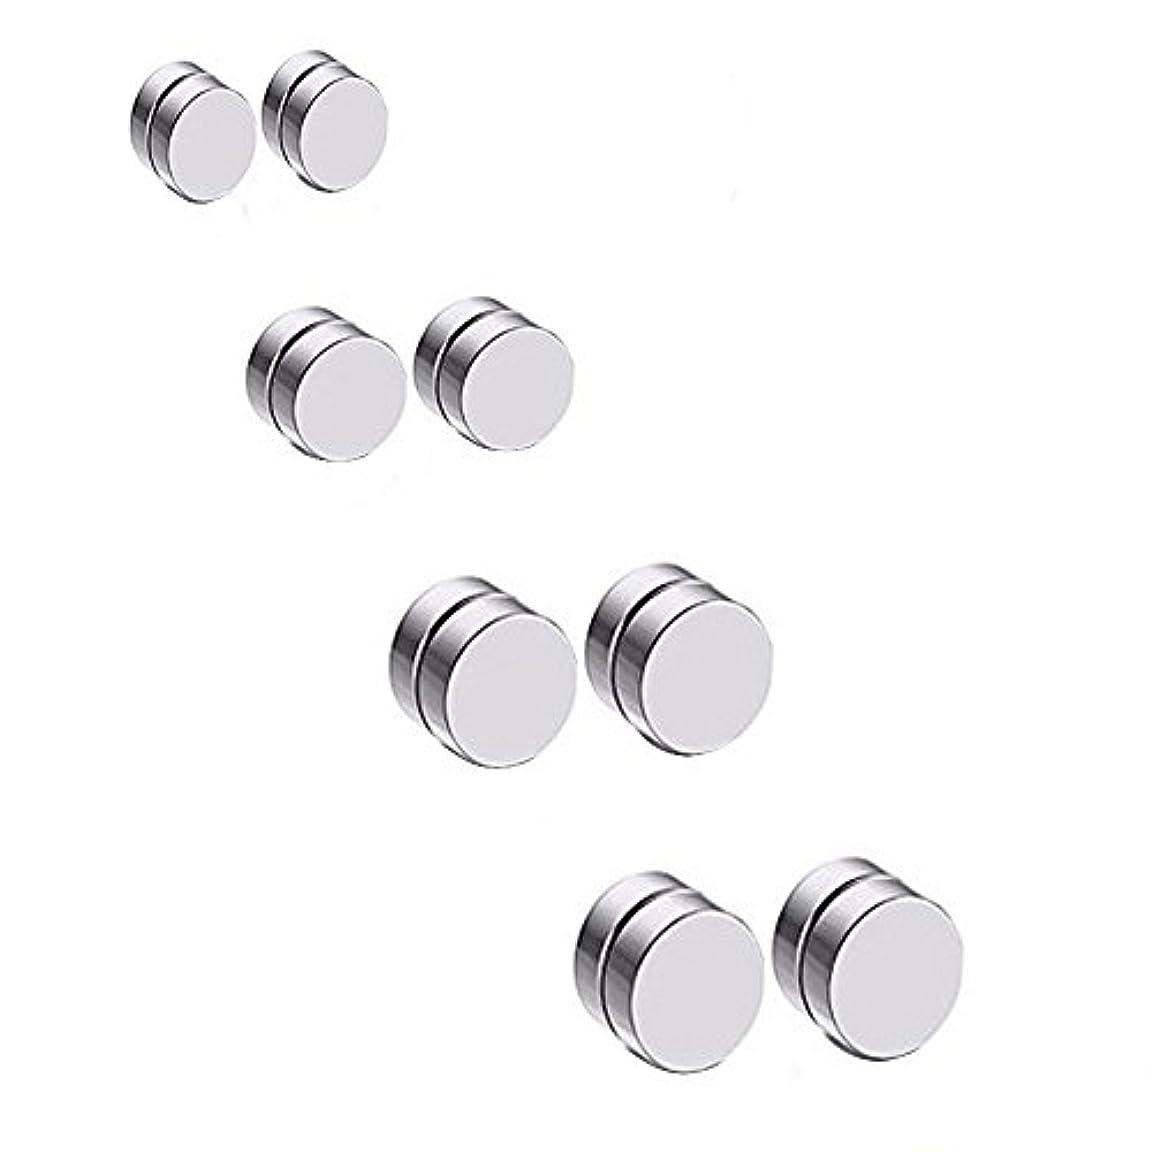 愛情深い建設ガム8pcs 6 – 12 mmステンレススチール磁気Fake Gauesイヤリング非ピアス耳のスタッドの シルバー